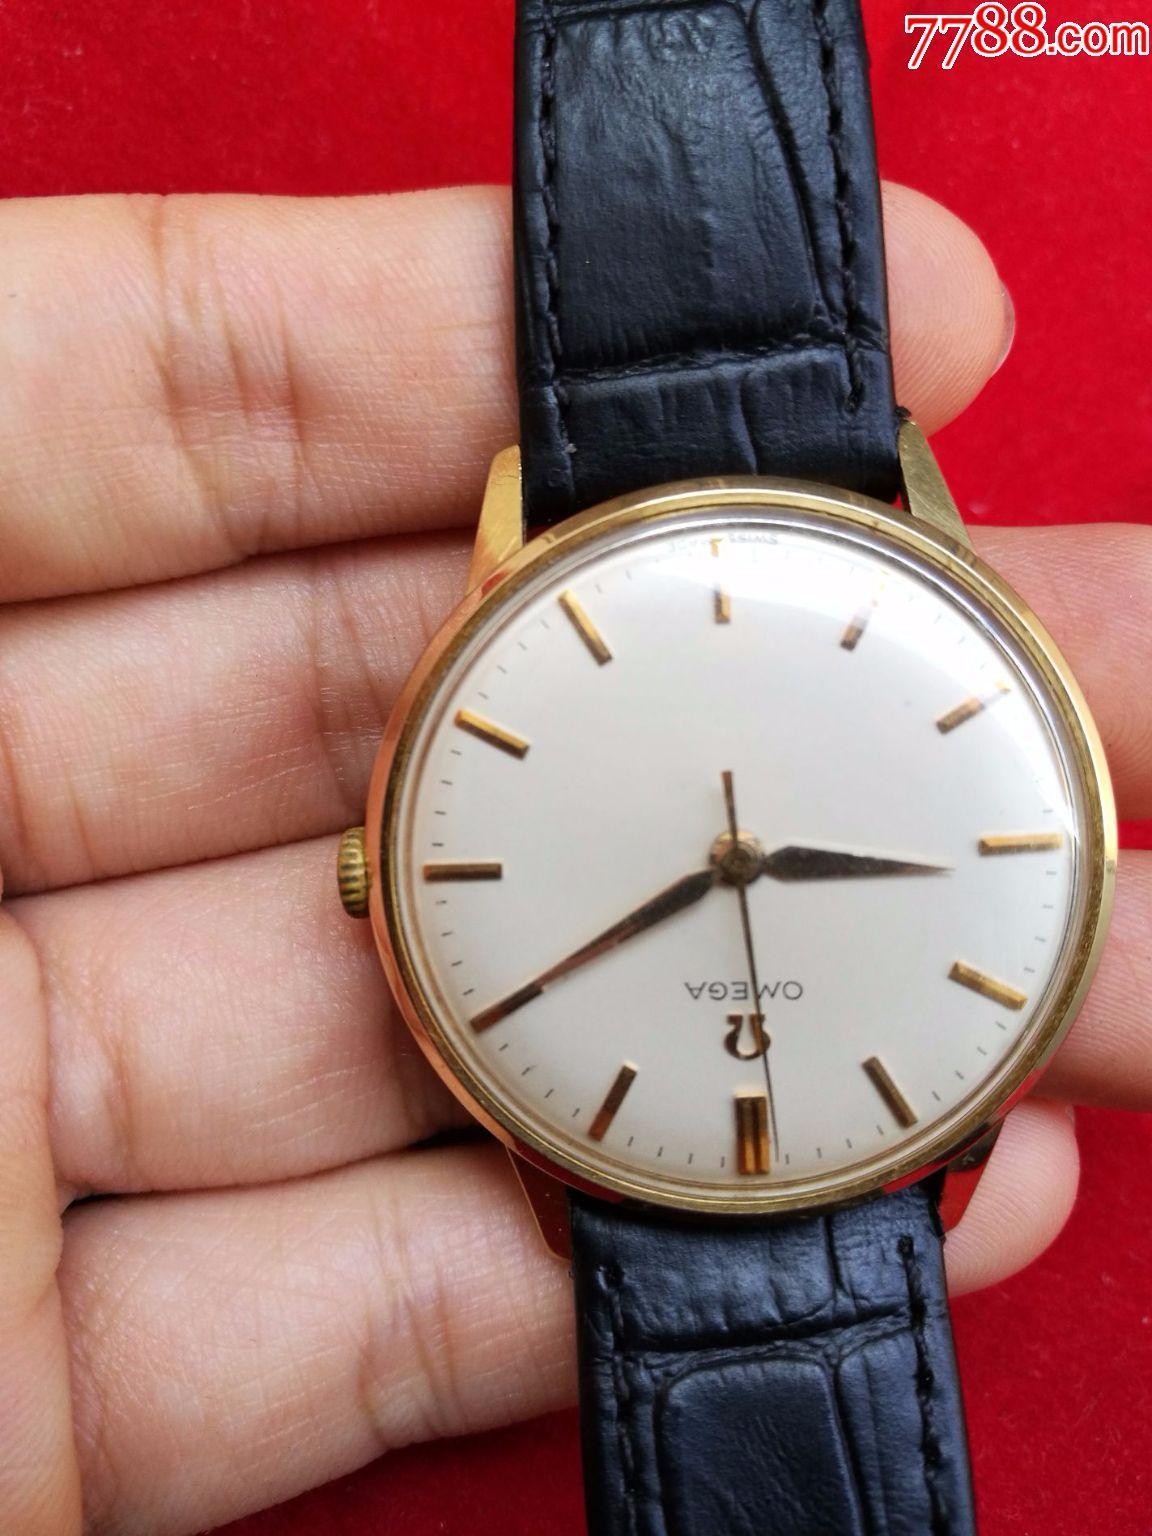 二手【14k实金】瑞士机械原产欧米伽男表手动男士手表图片